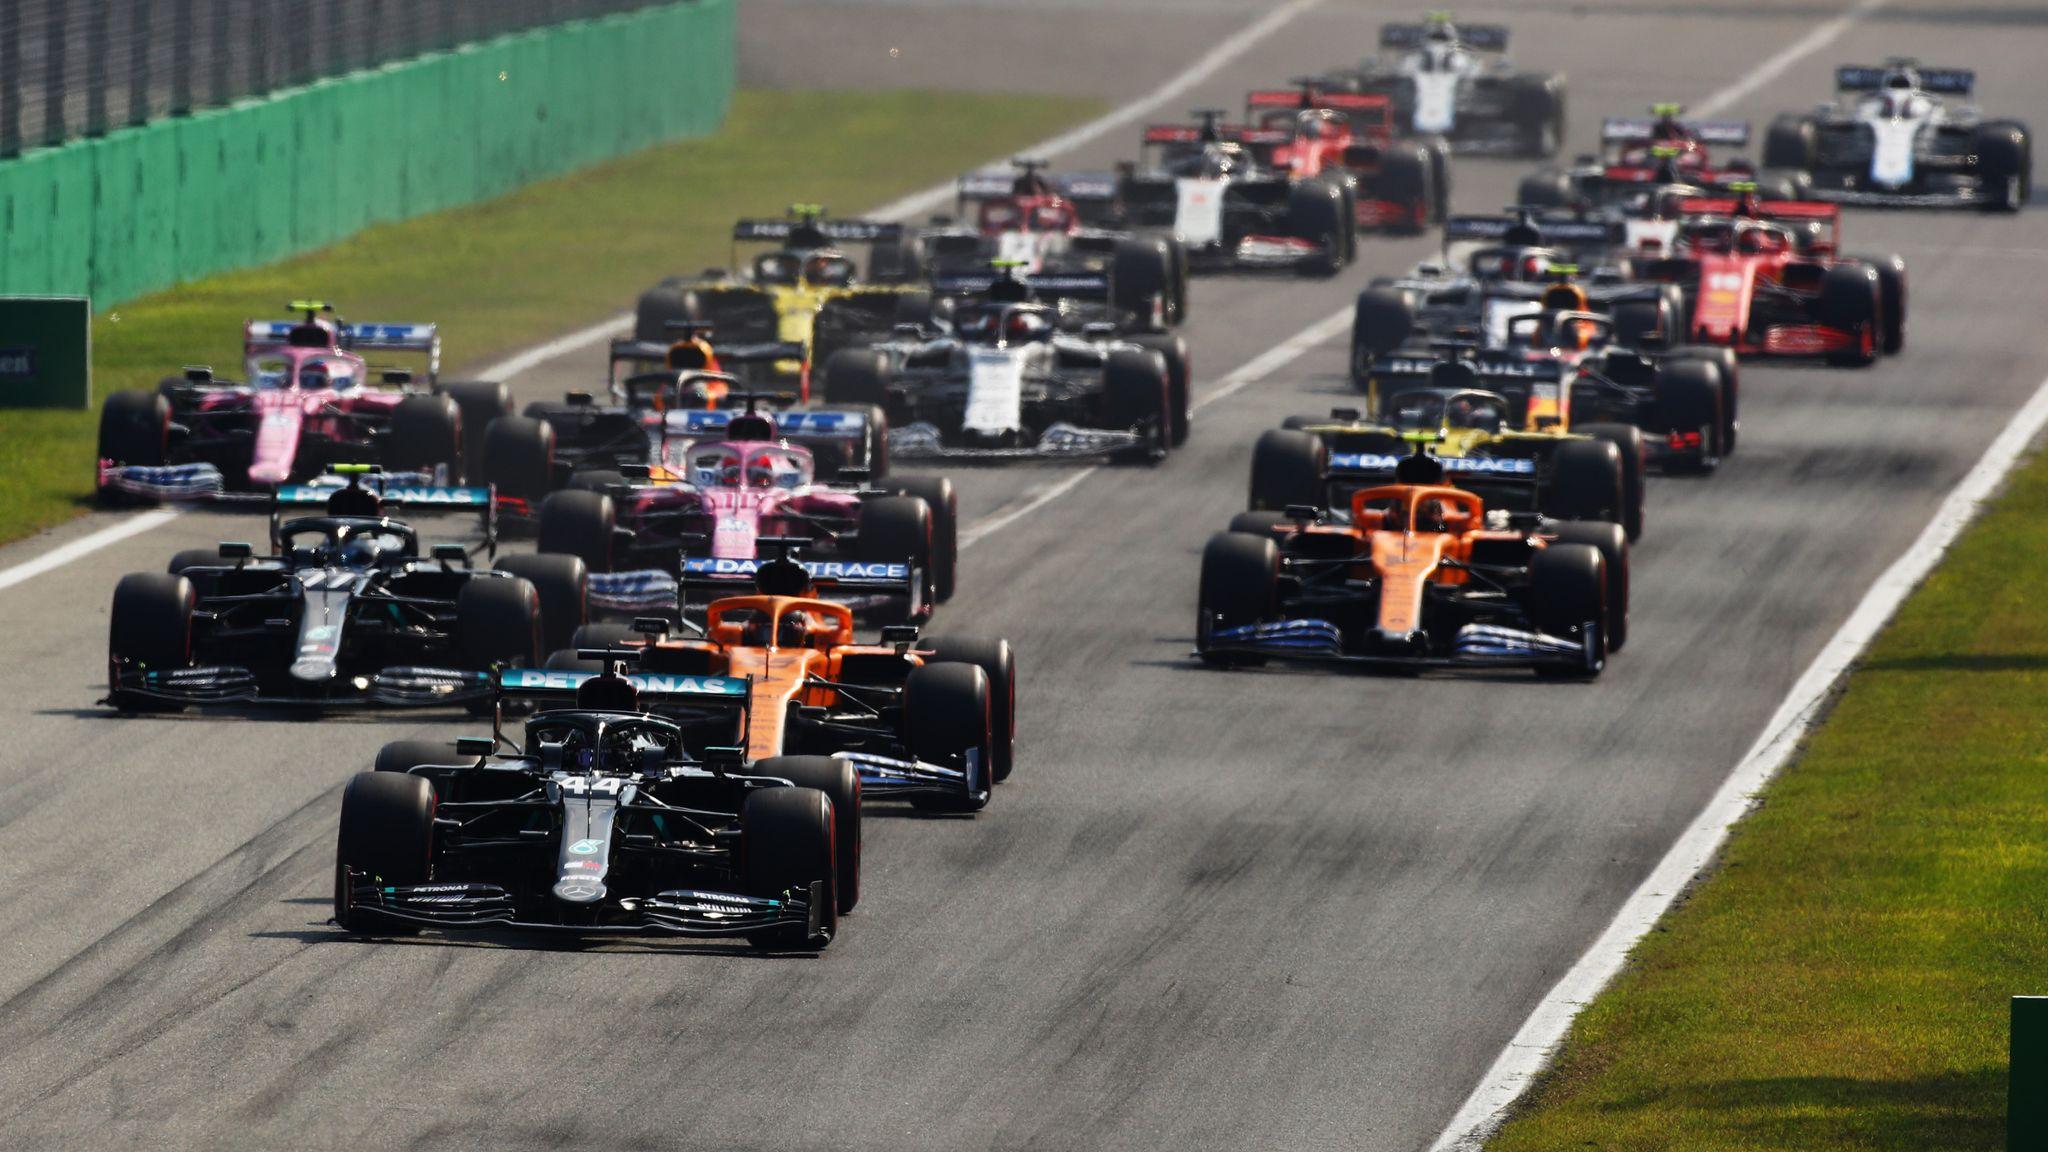 Saudi Arabian GP to join Formula 1 calendar from 2021 season | F1 News